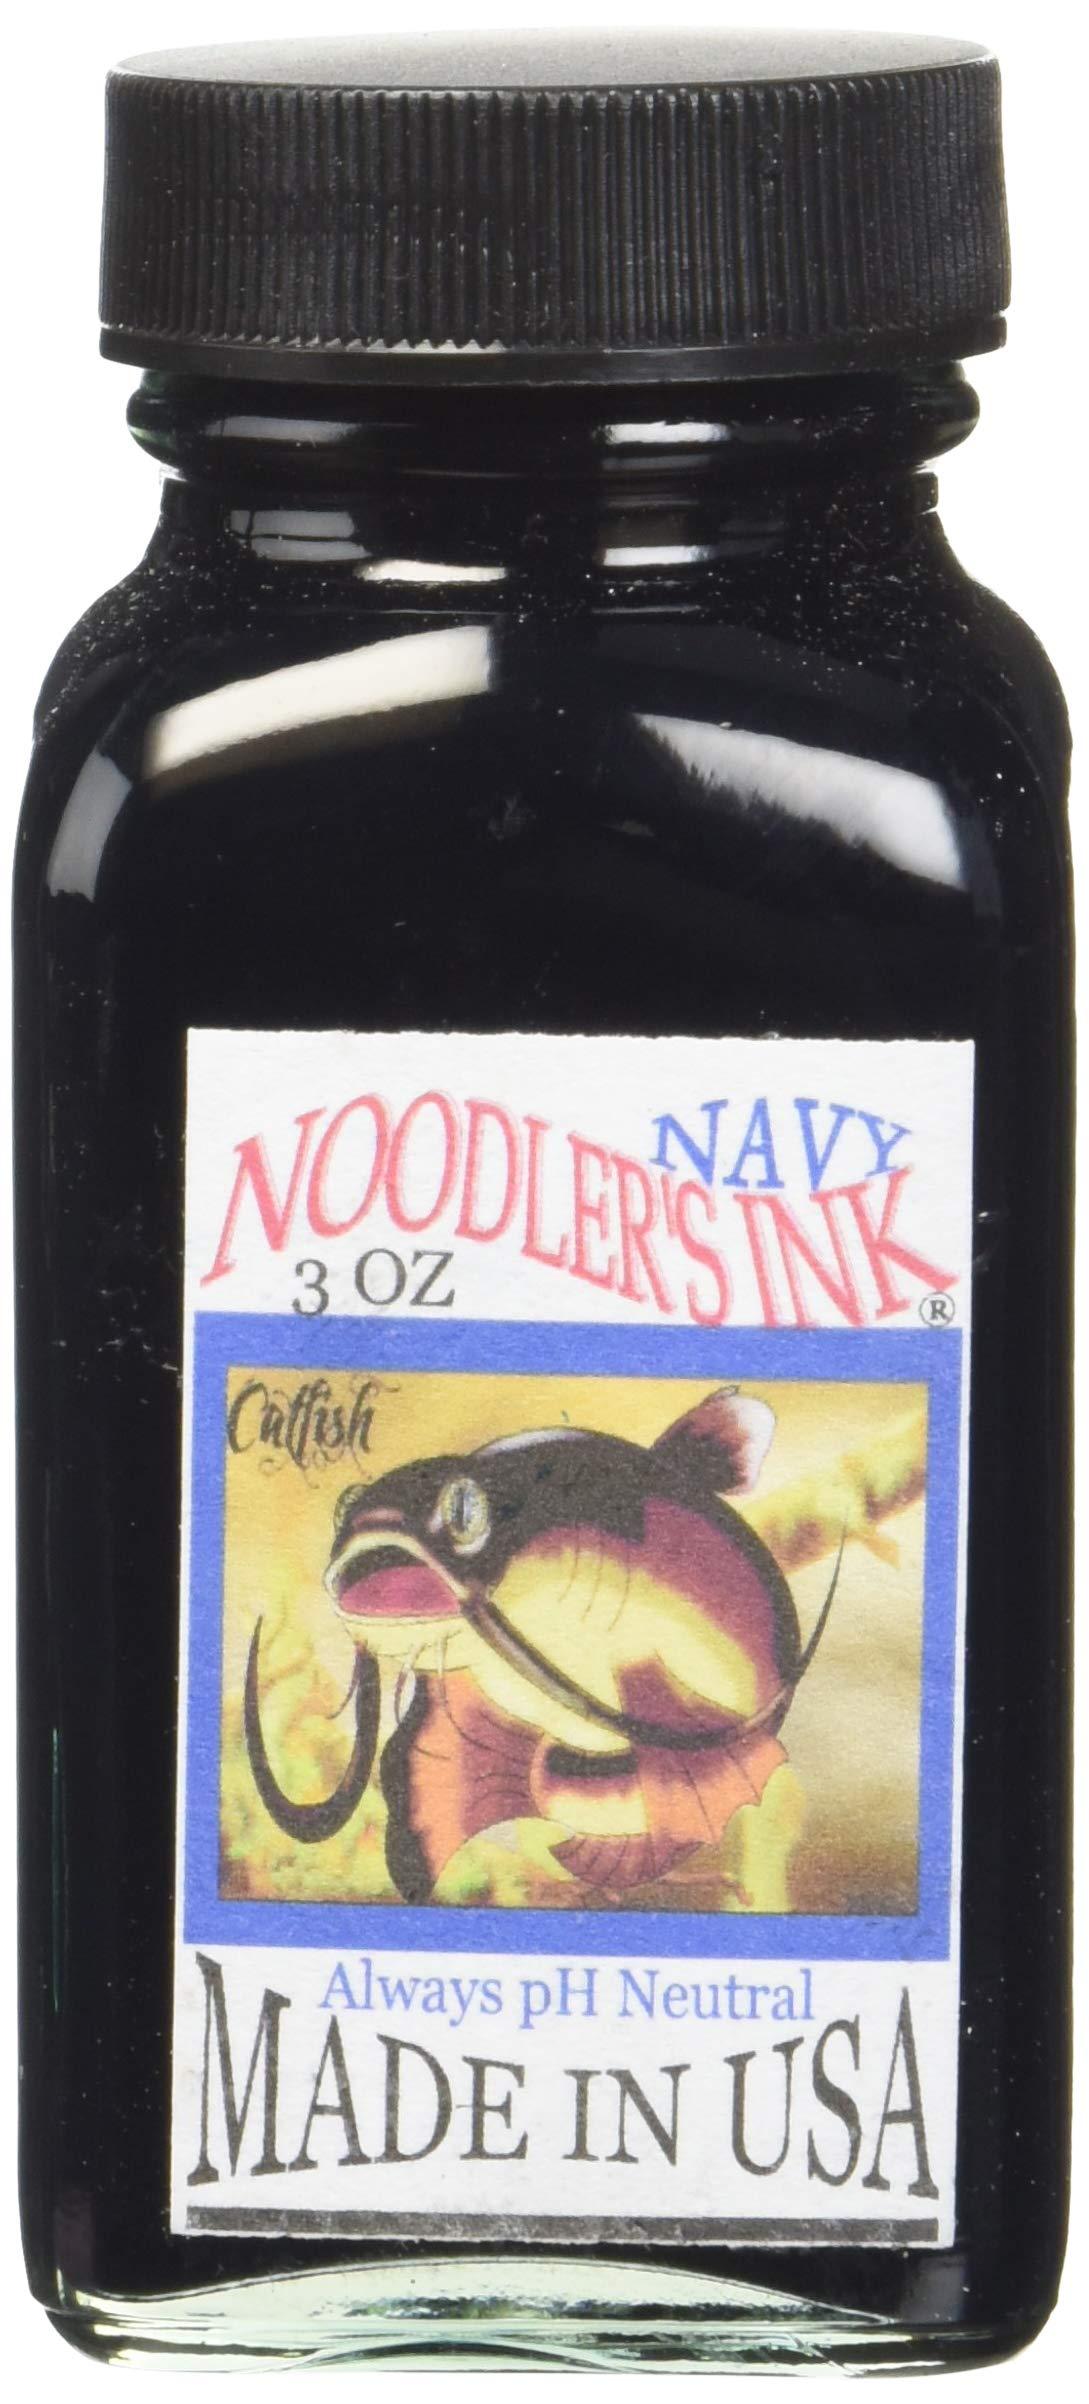 Noodler's Ink Refills Navy Bottled Ink - ND-19038 by Noodler's Ink by Noodler's Ink (Image #1)